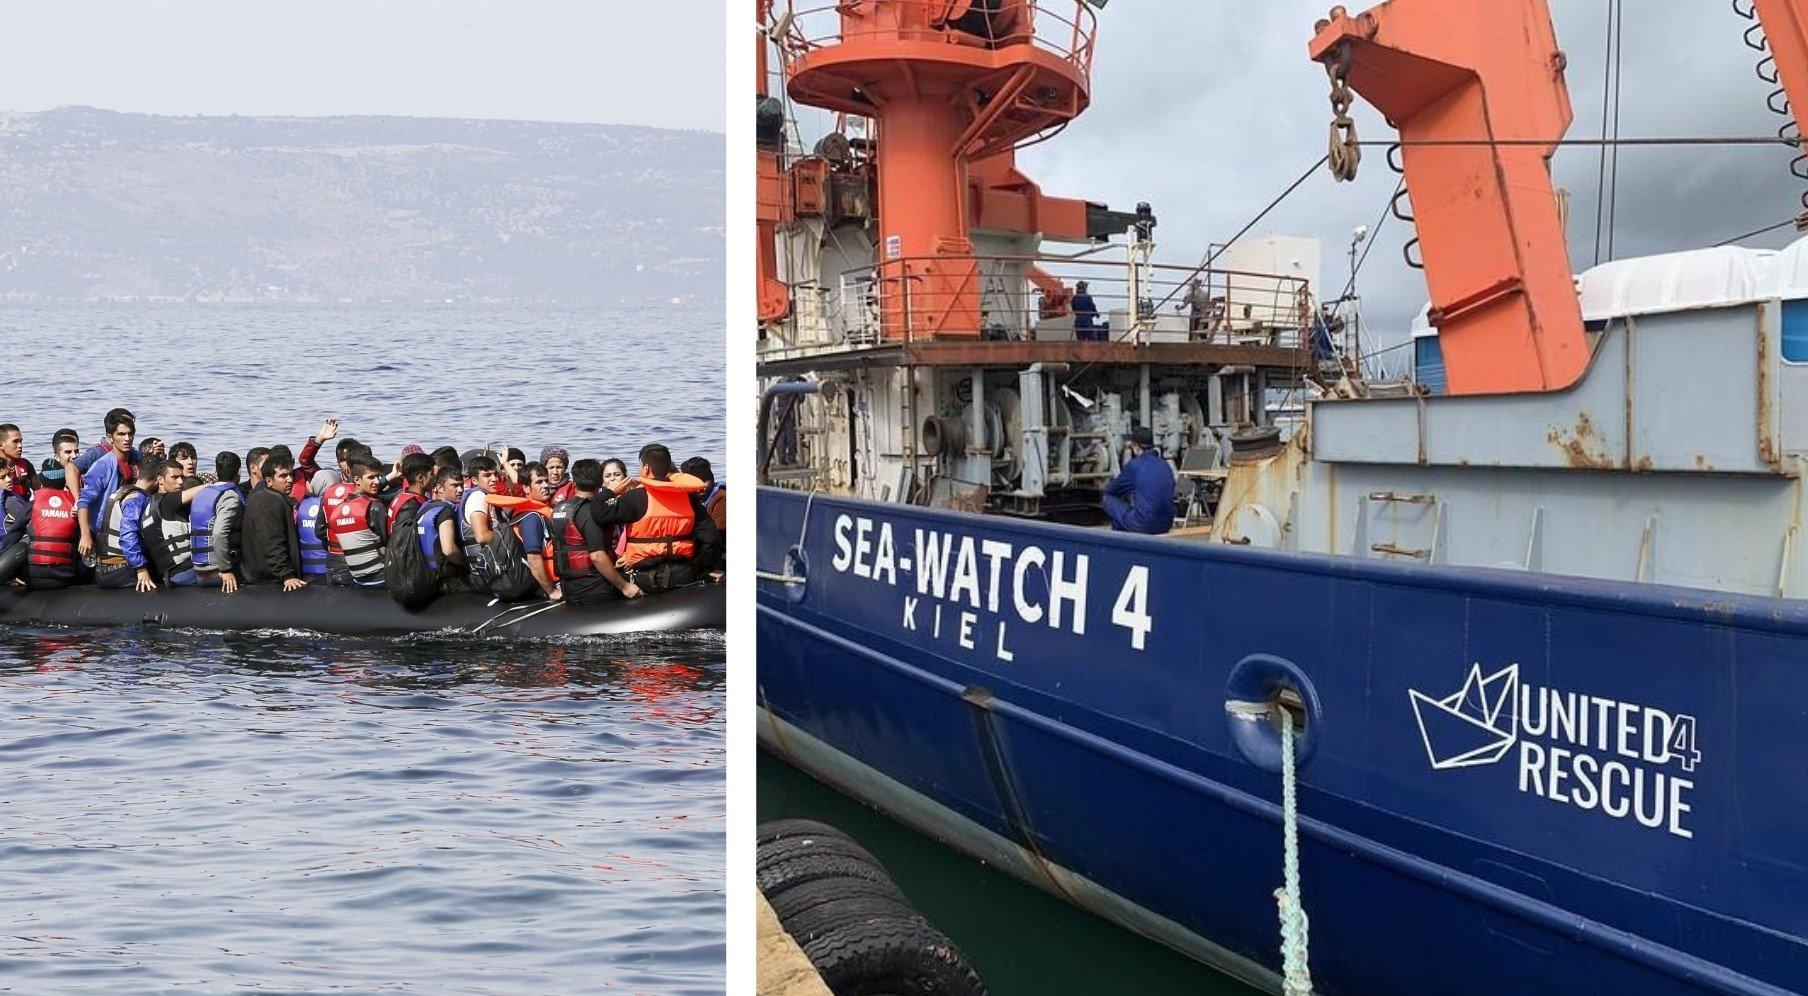 Igreja protestante alemã sai ao mar para resgatar imigrantes no Mediterrâneo